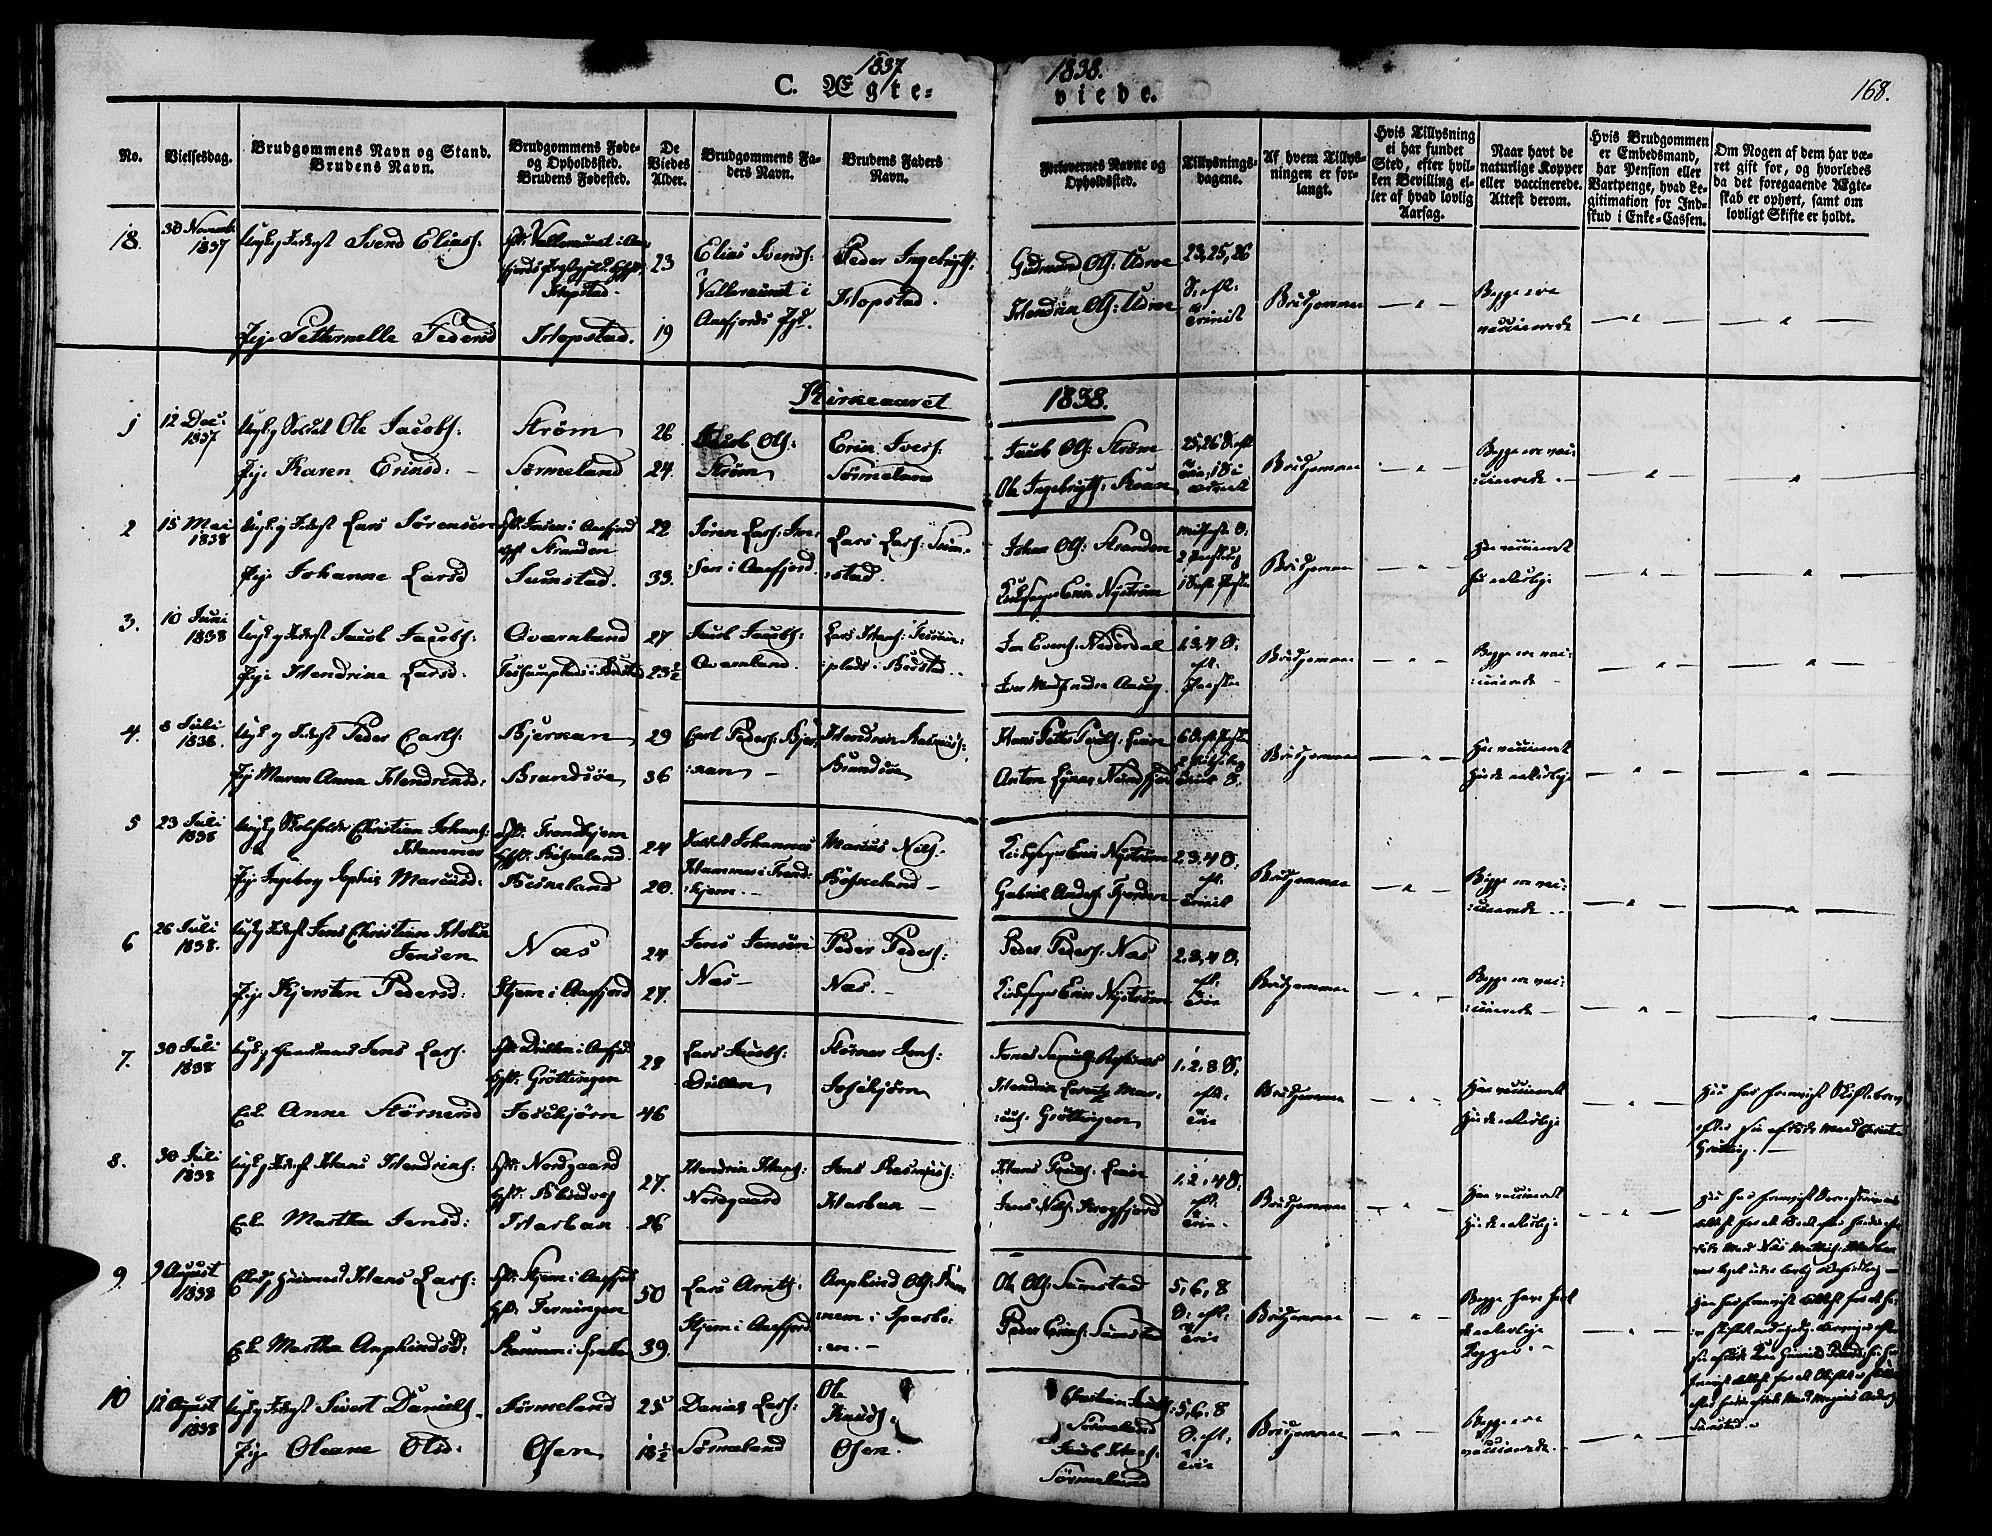 SAT, Ministerialprotokoller, klokkerbøker og fødselsregistre - Sør-Trøndelag, 657/L0703: Ministerialbok nr. 657A04, 1831-1846, s. 168